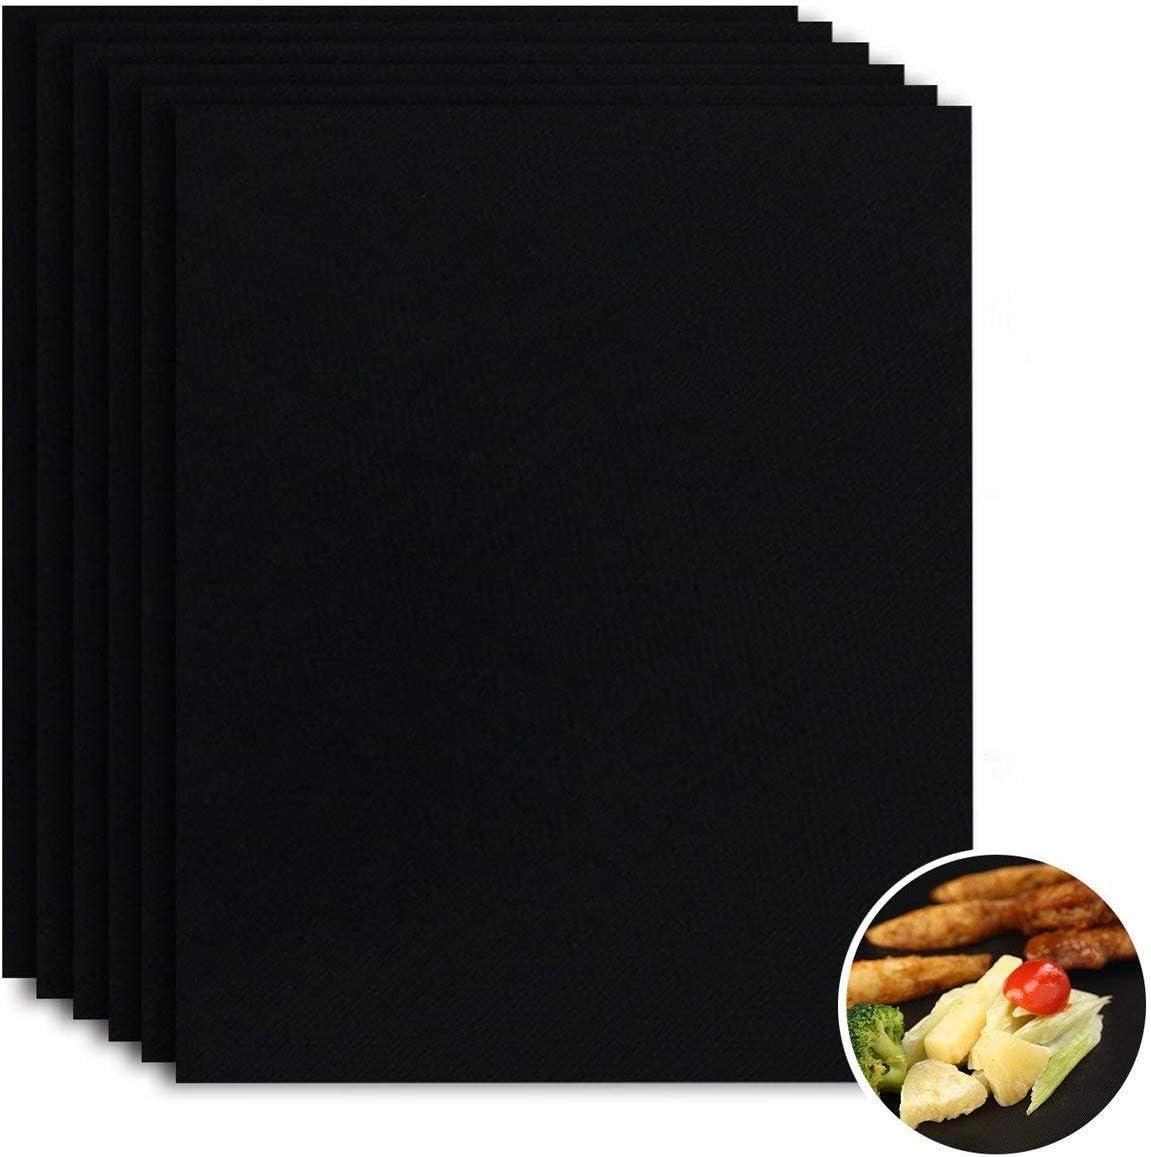 FABSELLER Lot de Tapis de Cuisson réutilisables Anti-adhésifs pour Barbecue - pour Barbecue au gaz et au Charbon électrique 5pcs Black with Tongs & Brush Noir (6 pièces)